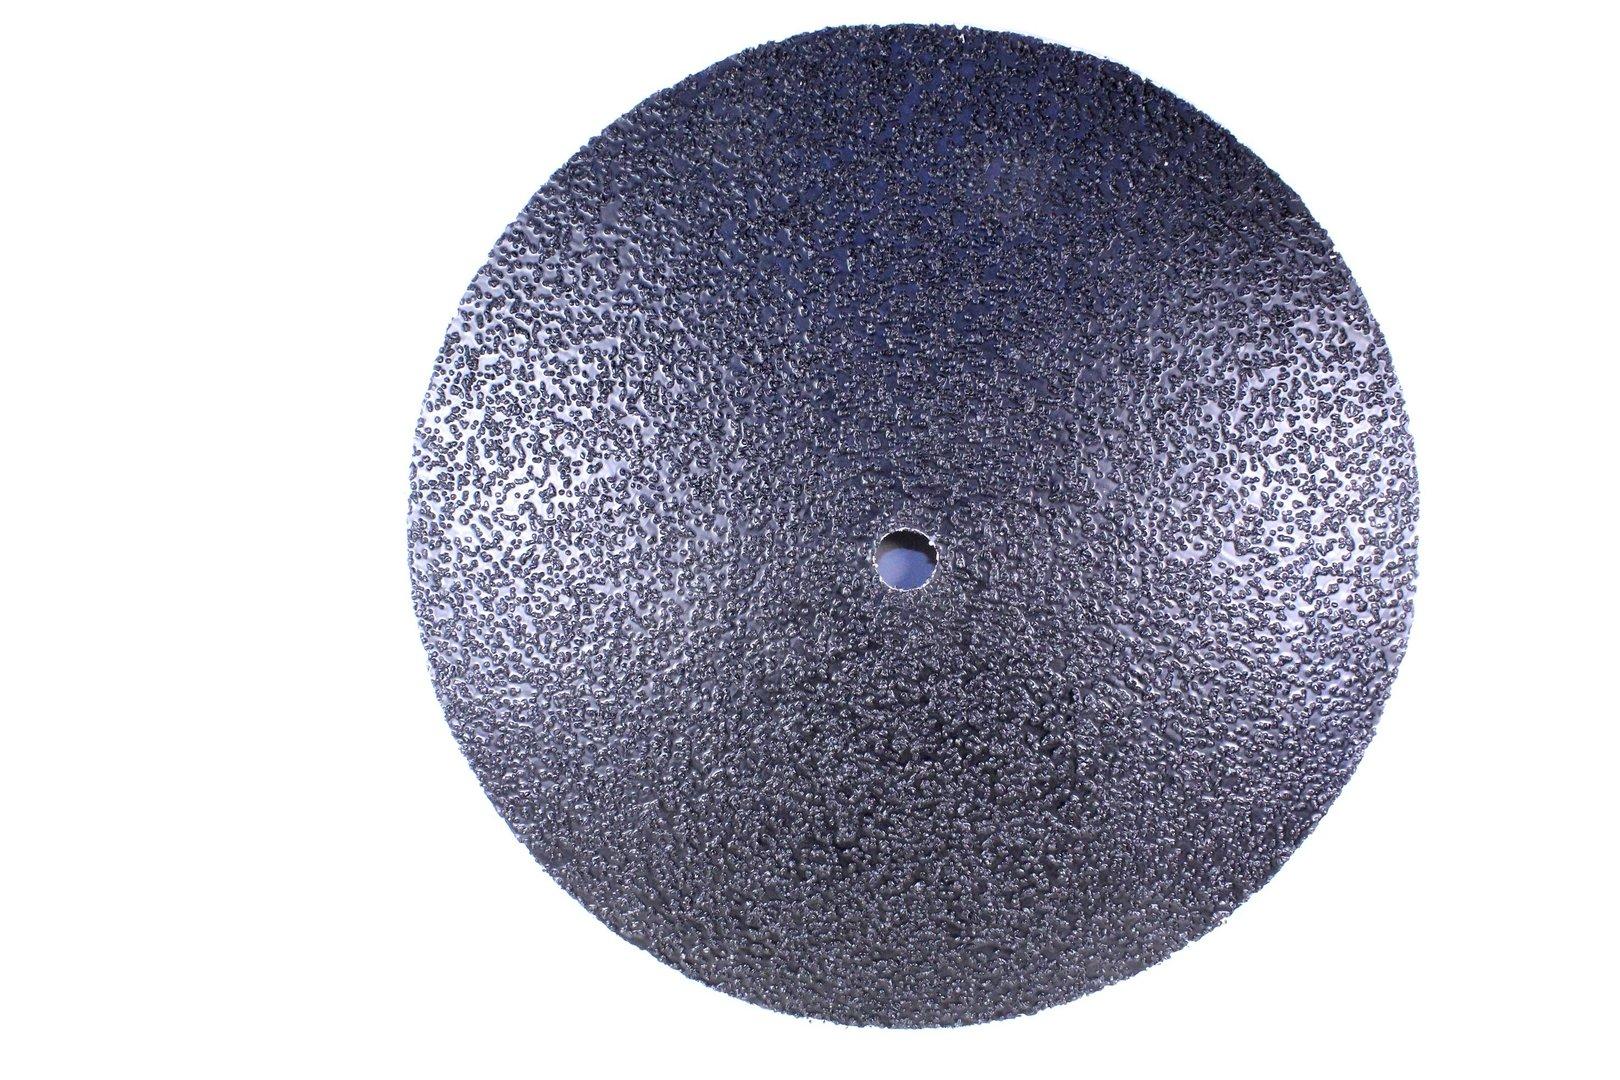 estrich schleifscheibe schleifpapier 400 mm korn 60. Black Bedroom Furniture Sets. Home Design Ideas